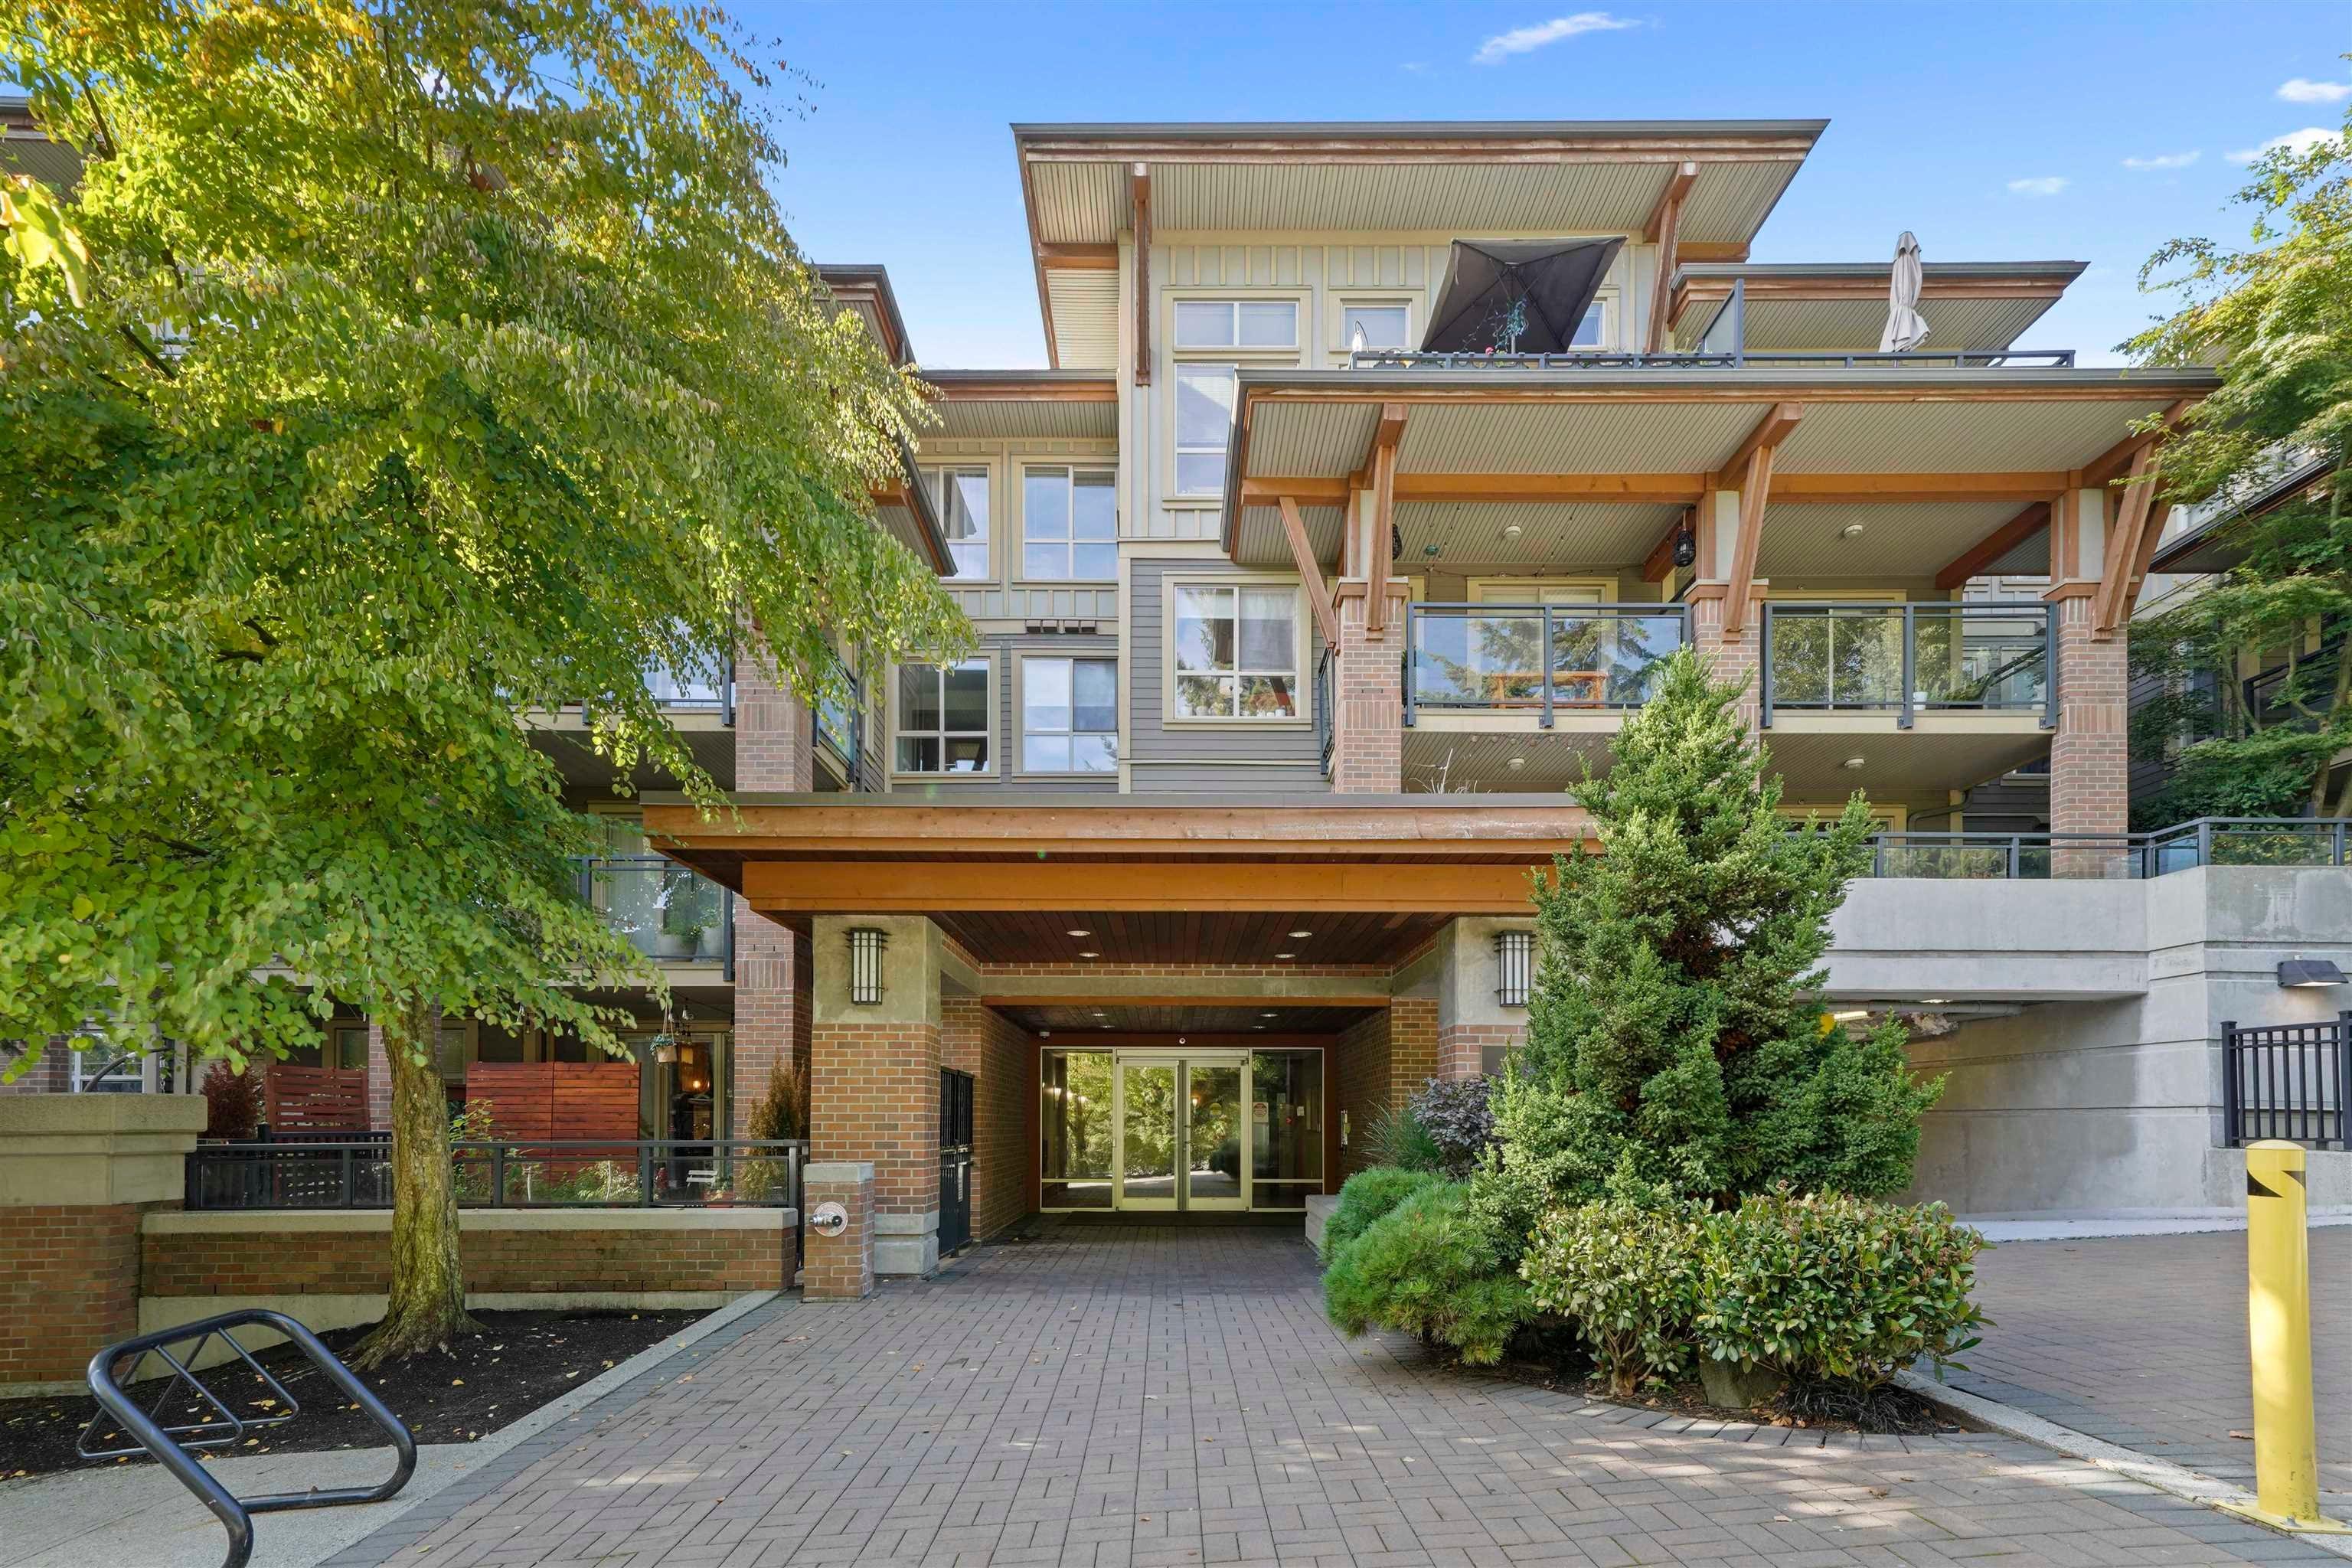 319 1633 MACKAY AVENUE - Pemberton NV Apartment/Condo for sale, 2 Bedrooms (R2624916) - #1